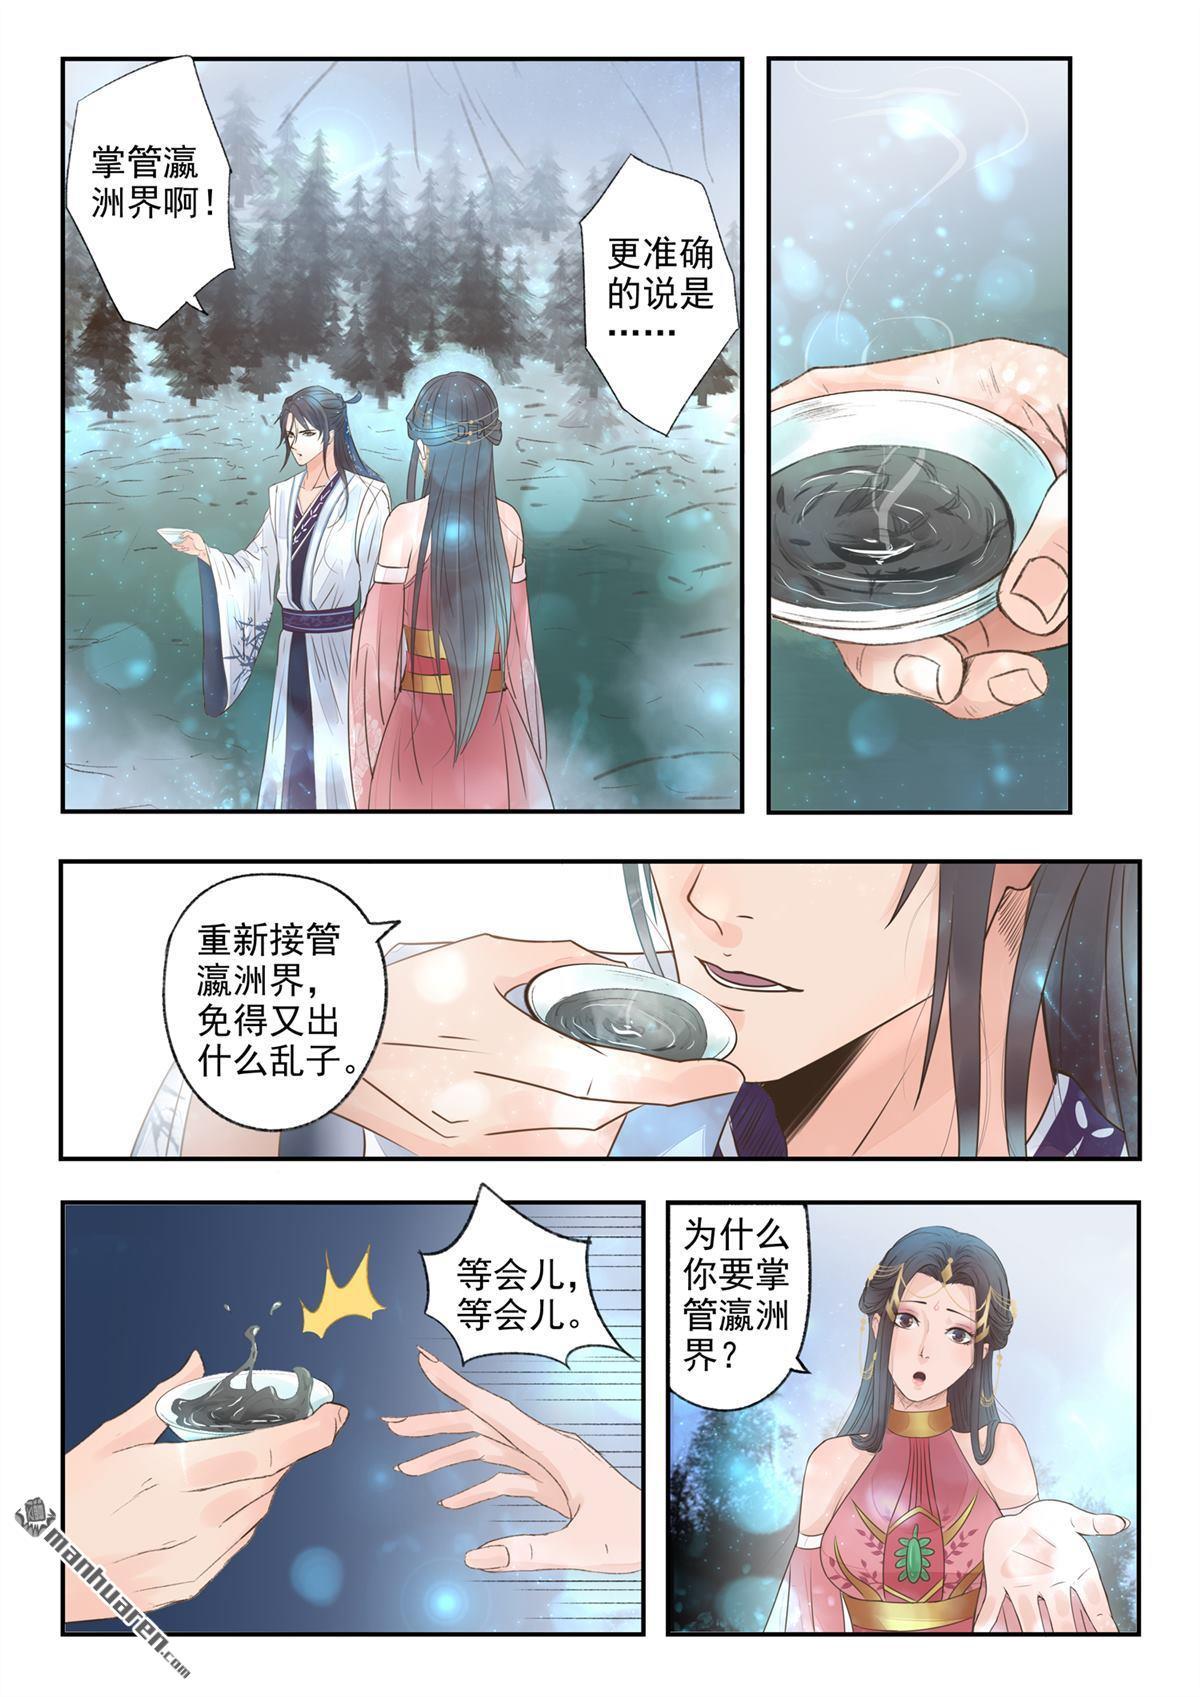 書靈記漫畫第5回 掌管瀛洲界(第4頁)劇情-二次元動漫